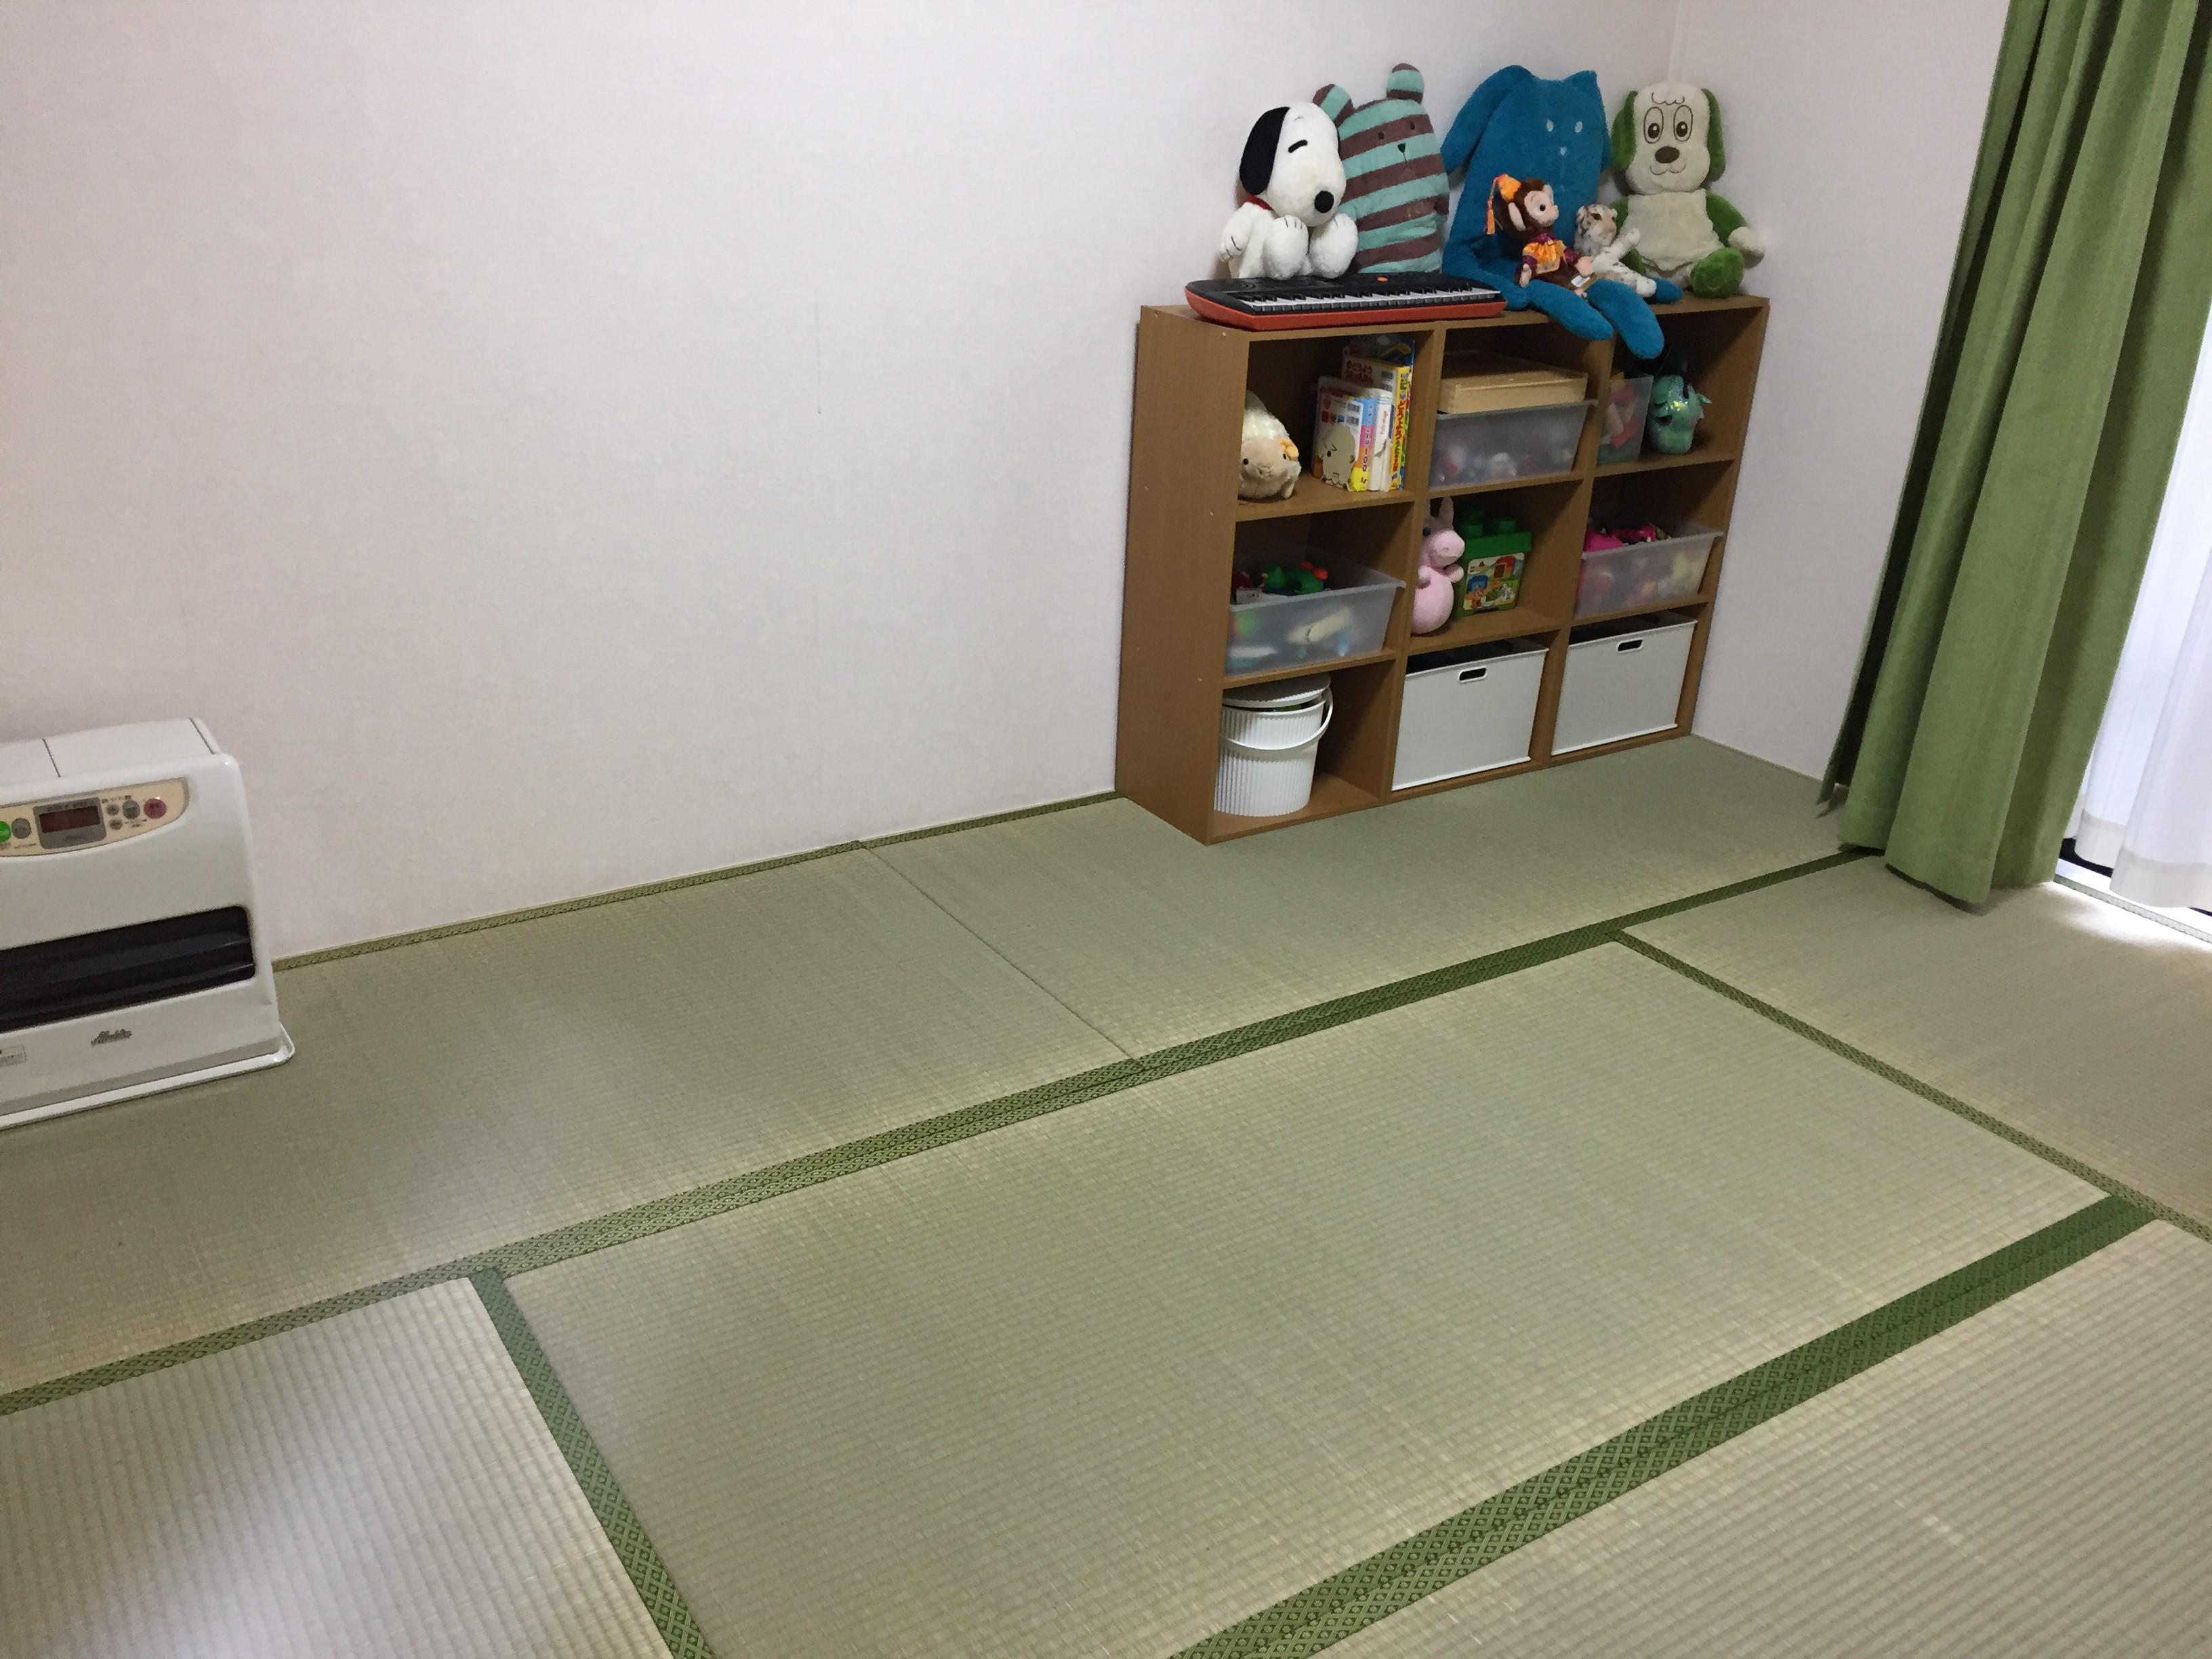 【安八町】片付けコンシェルジュさんのアドバイスを受けながら部屋をすっきりキレイに!